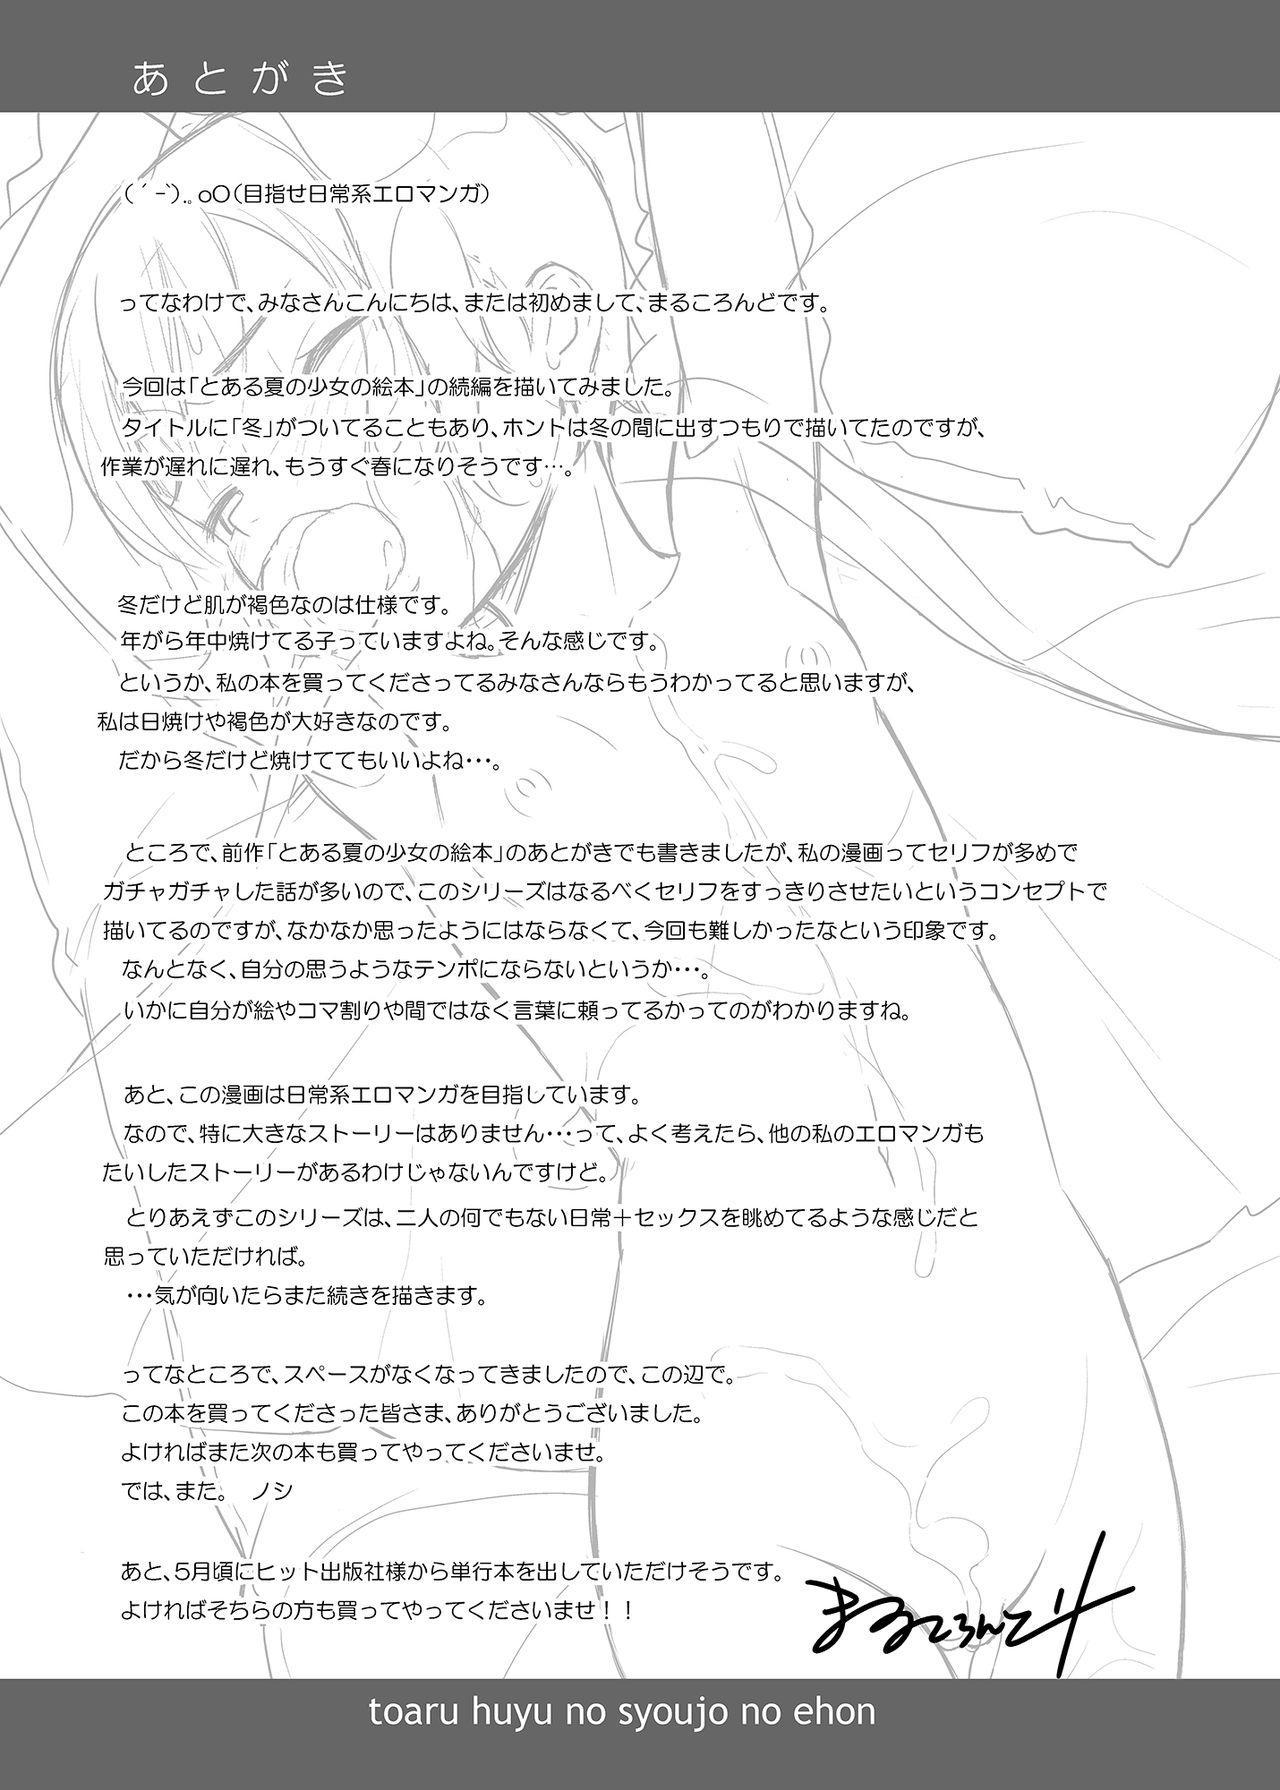 Toaru Fuyu no Shoujo no Ehon 27